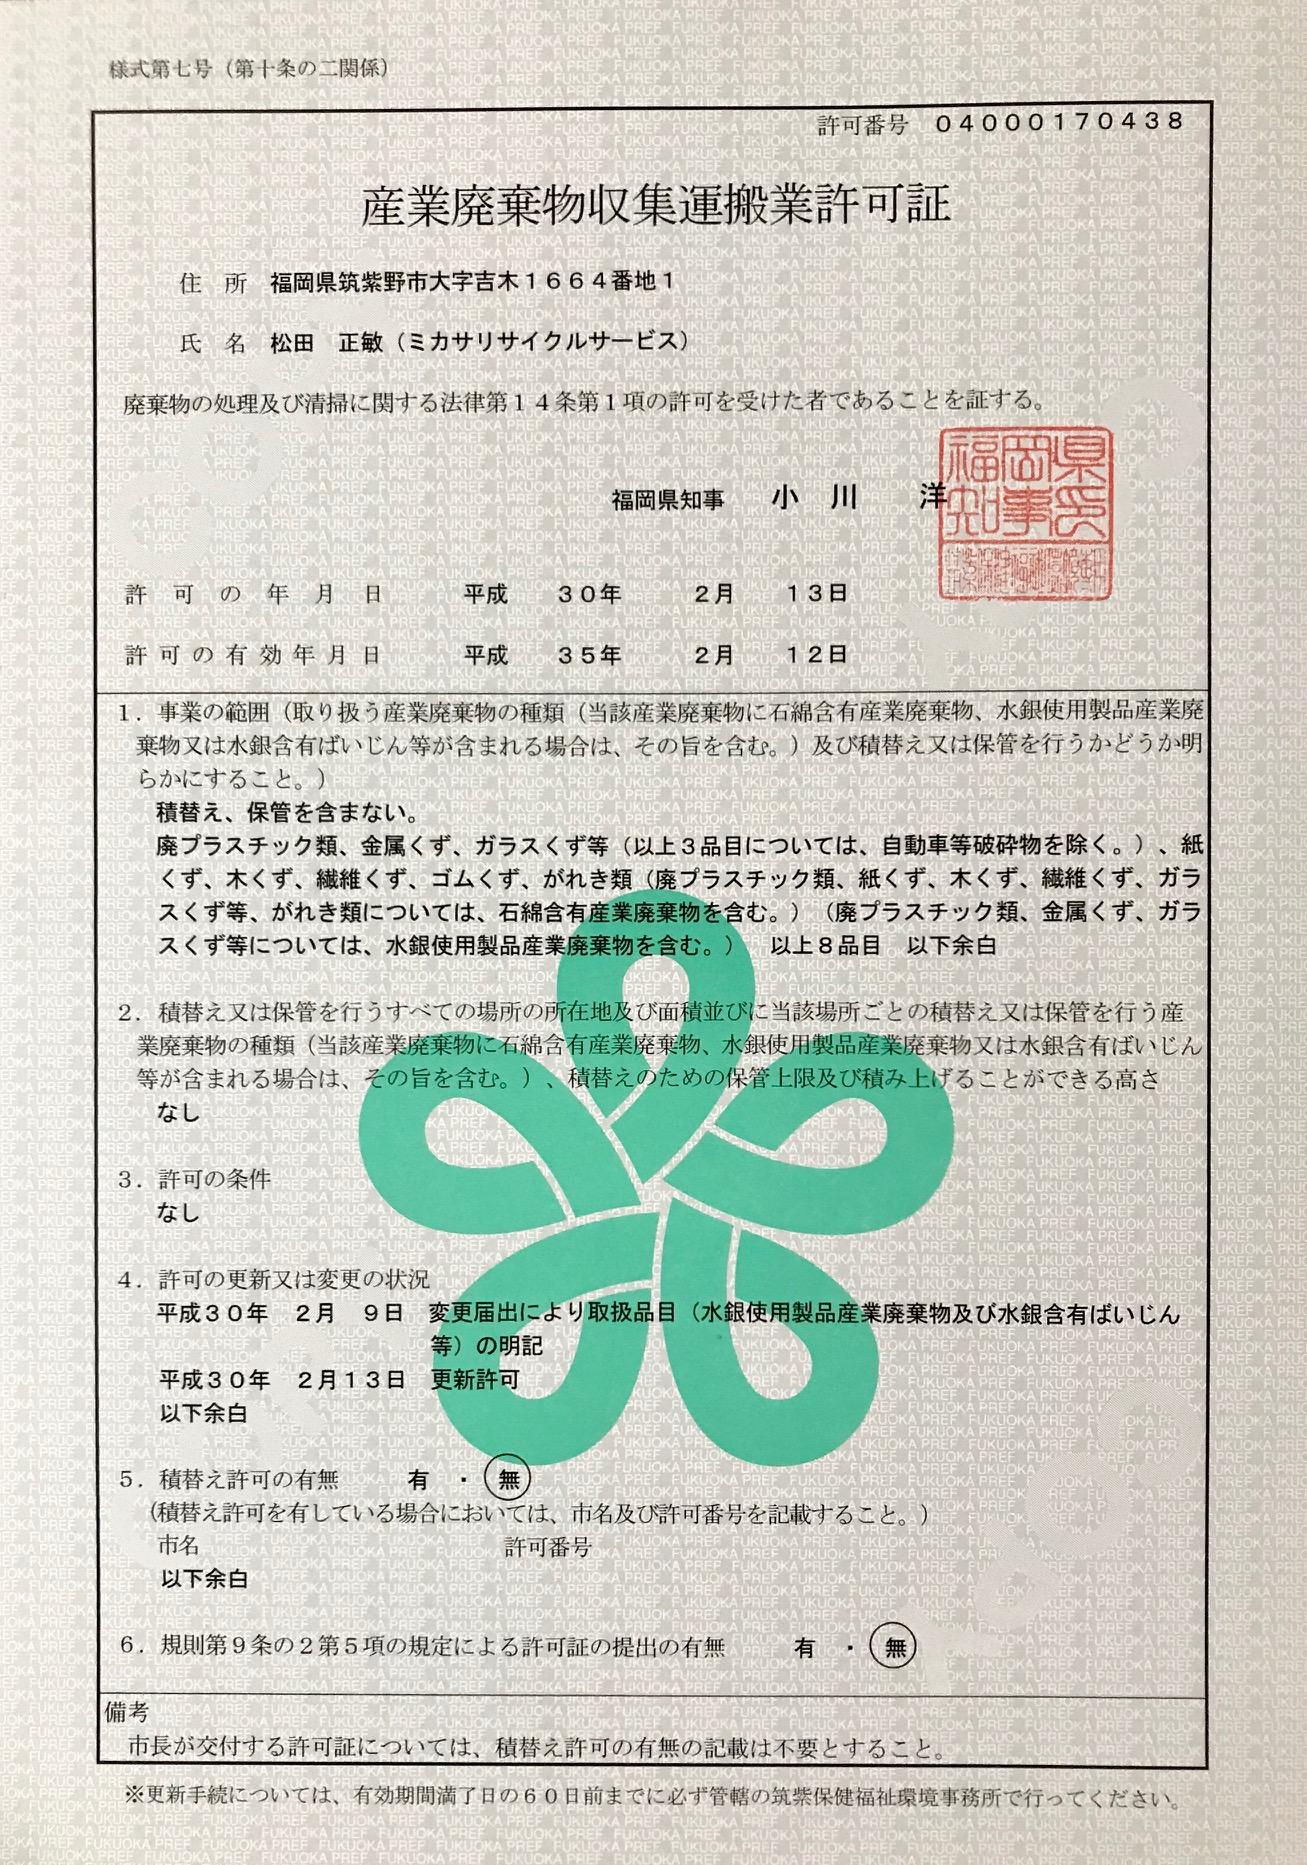 産業廃棄物収集運搬許可証